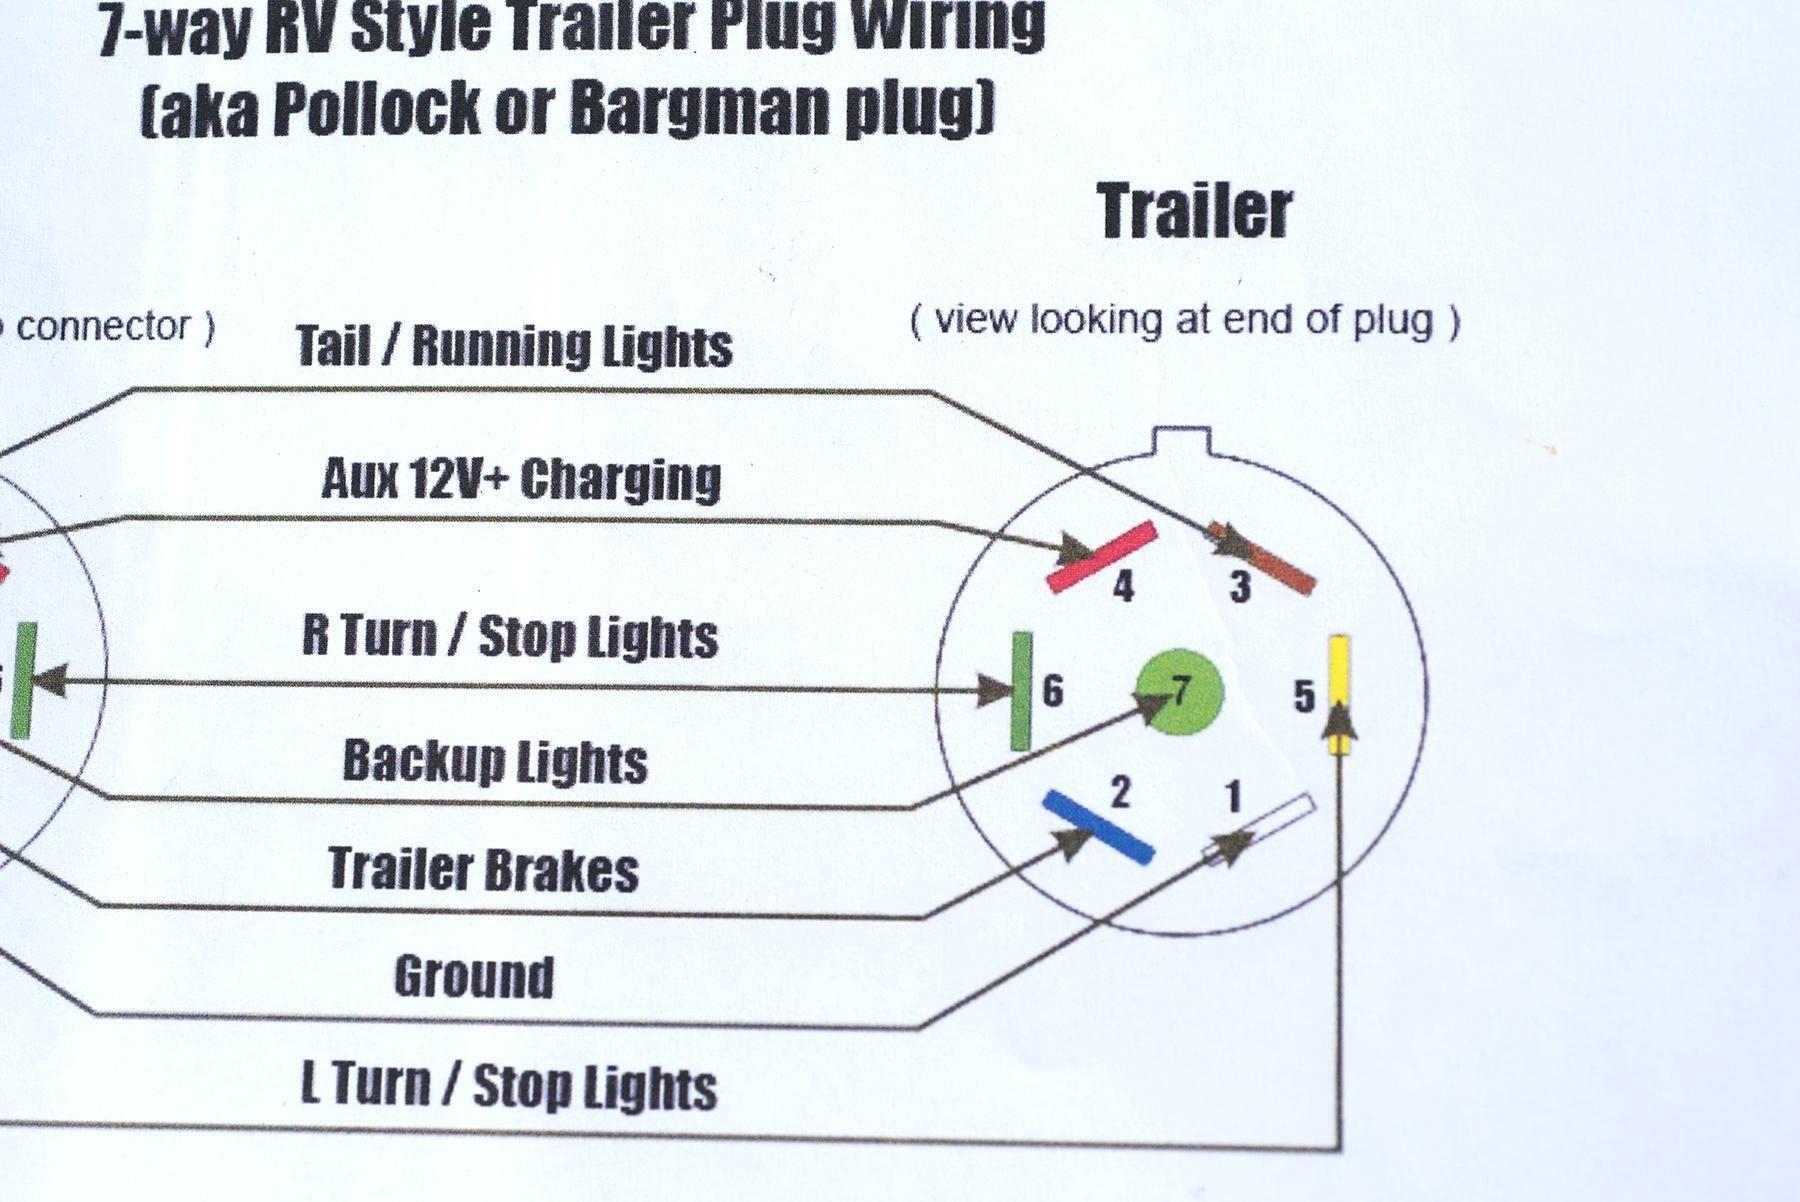 Trailer Lights Wiring Diagram 7 Pin 7 Way Wiring Diagram for Trailer Lights 2018 Rv Trailer Plug Wiring Of Trailer Lights Wiring Diagram 7 Pin